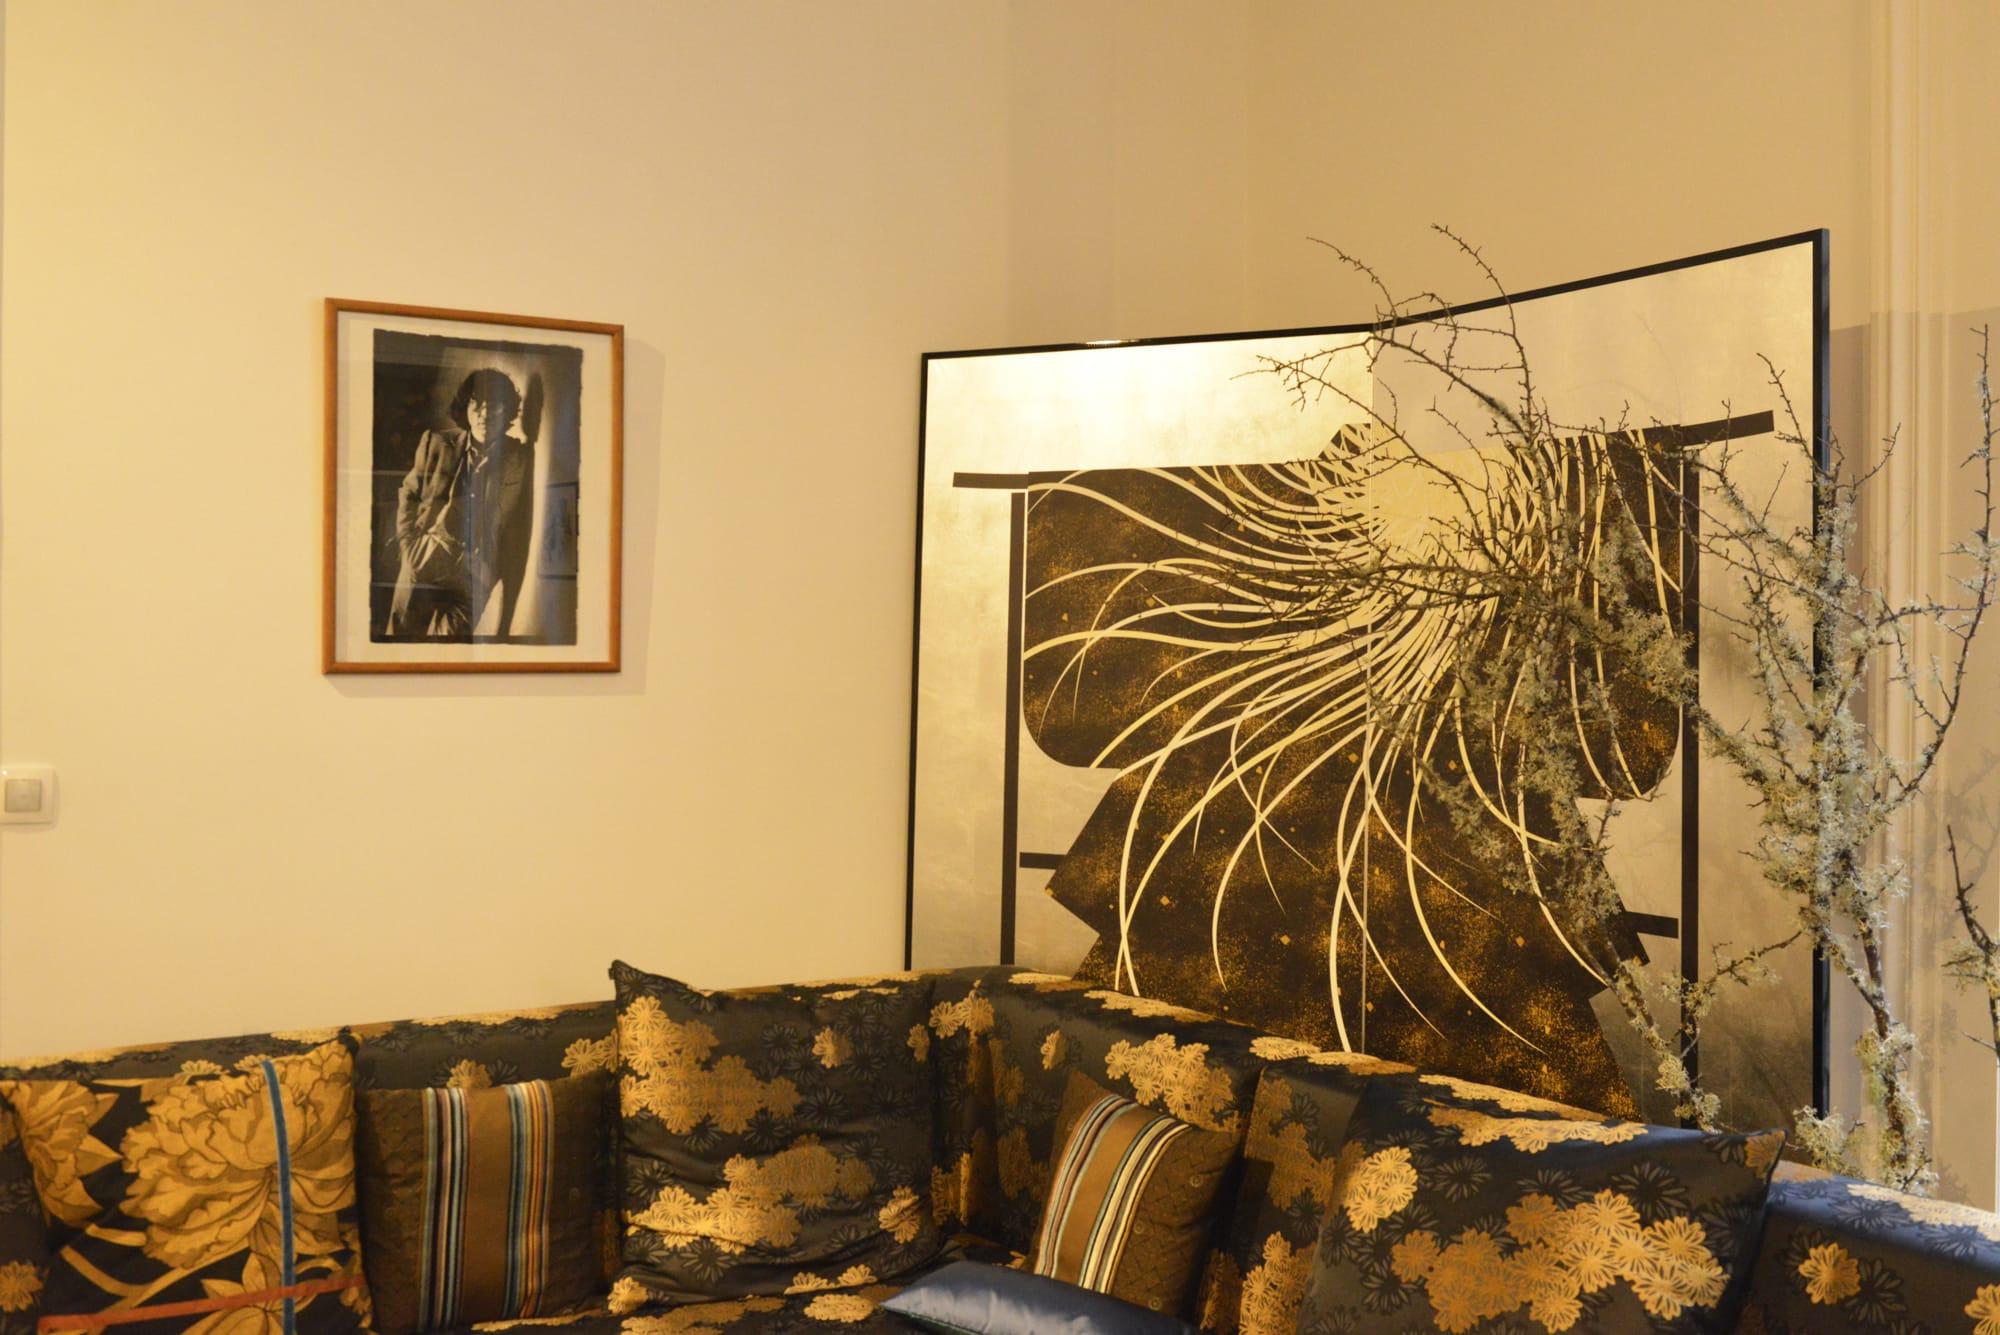 「K三」のショールームにある「Shogun」の部屋。金継ぎの手法を取り入れたファブリックは力強い印象。